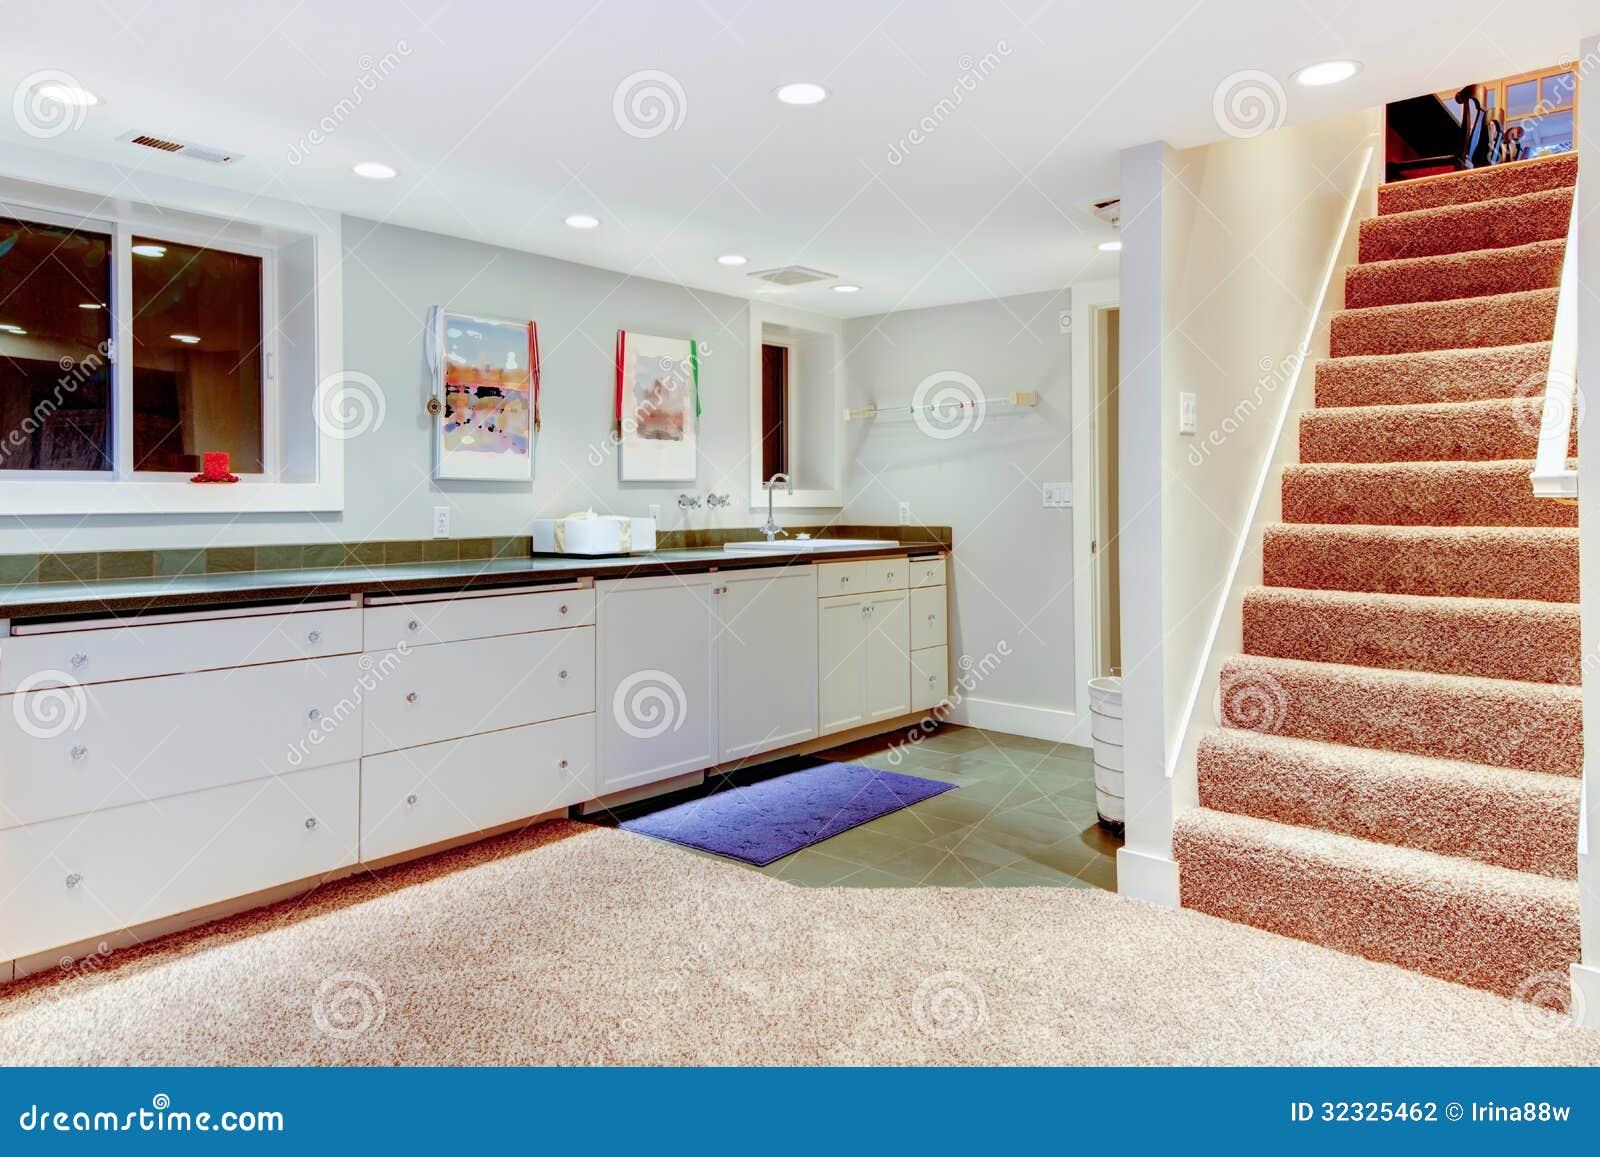 S tano con la escalera gabinetes blancos para el almacenamiento fotograf a - Escalier milieu de piece ...